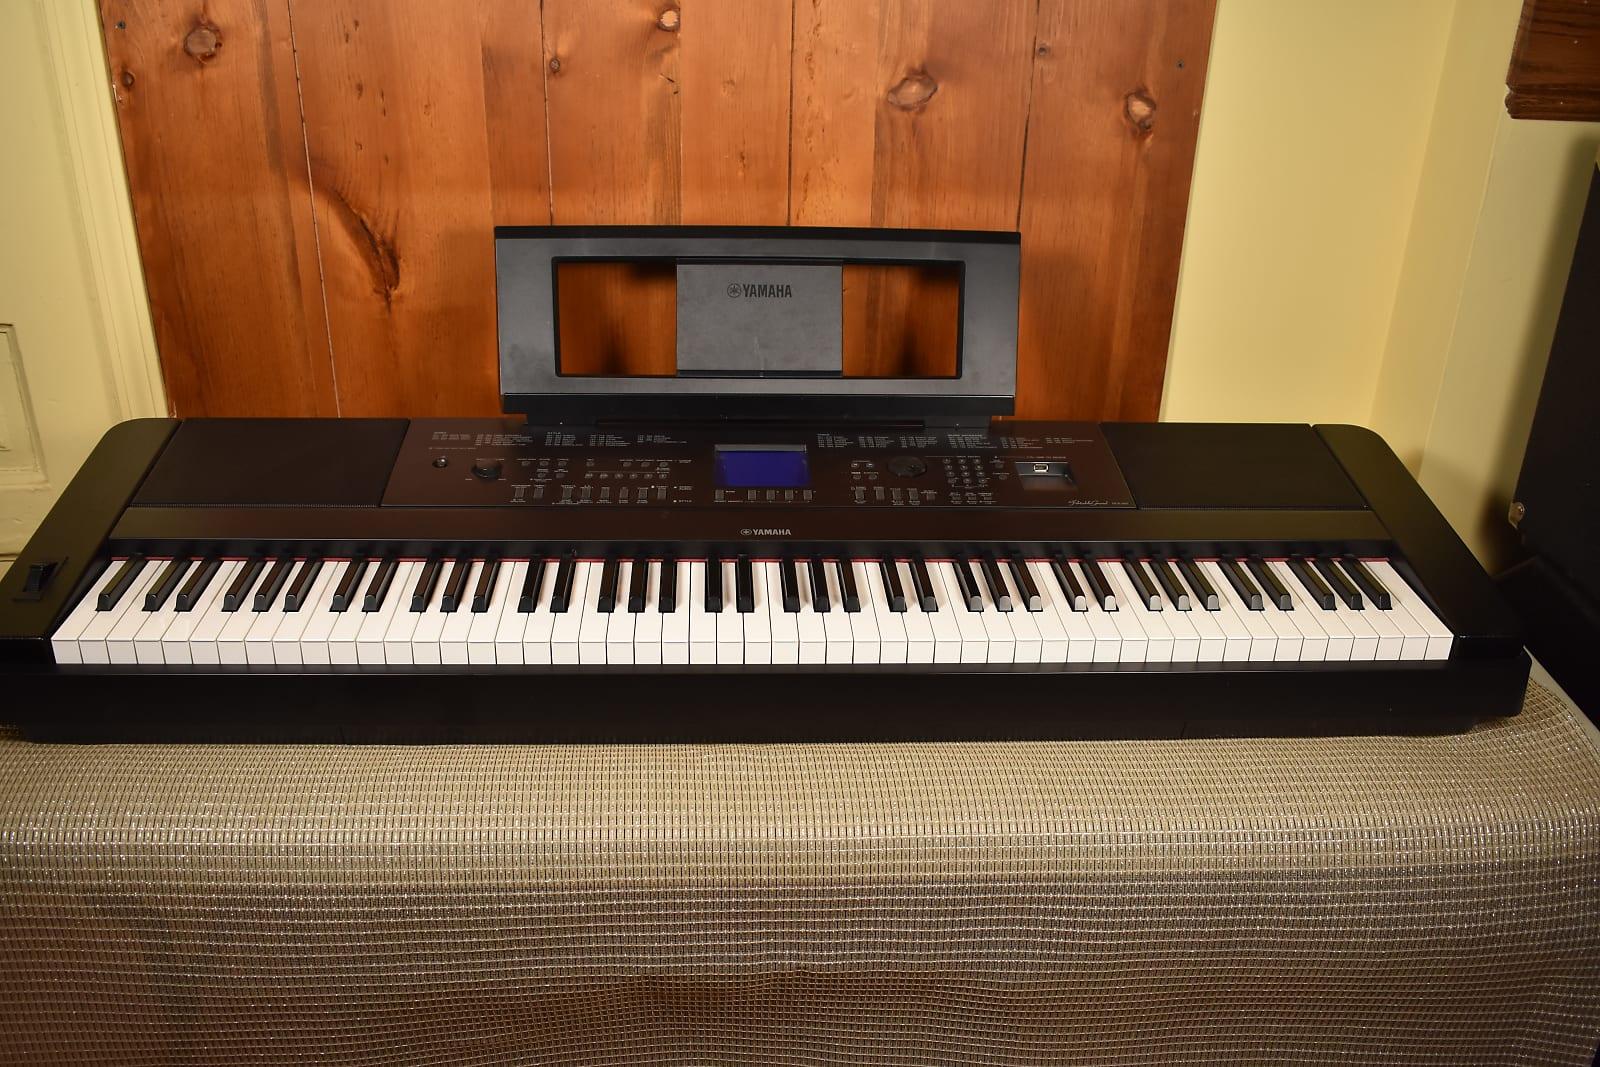 Yamaha DGX-660 Portable Grand